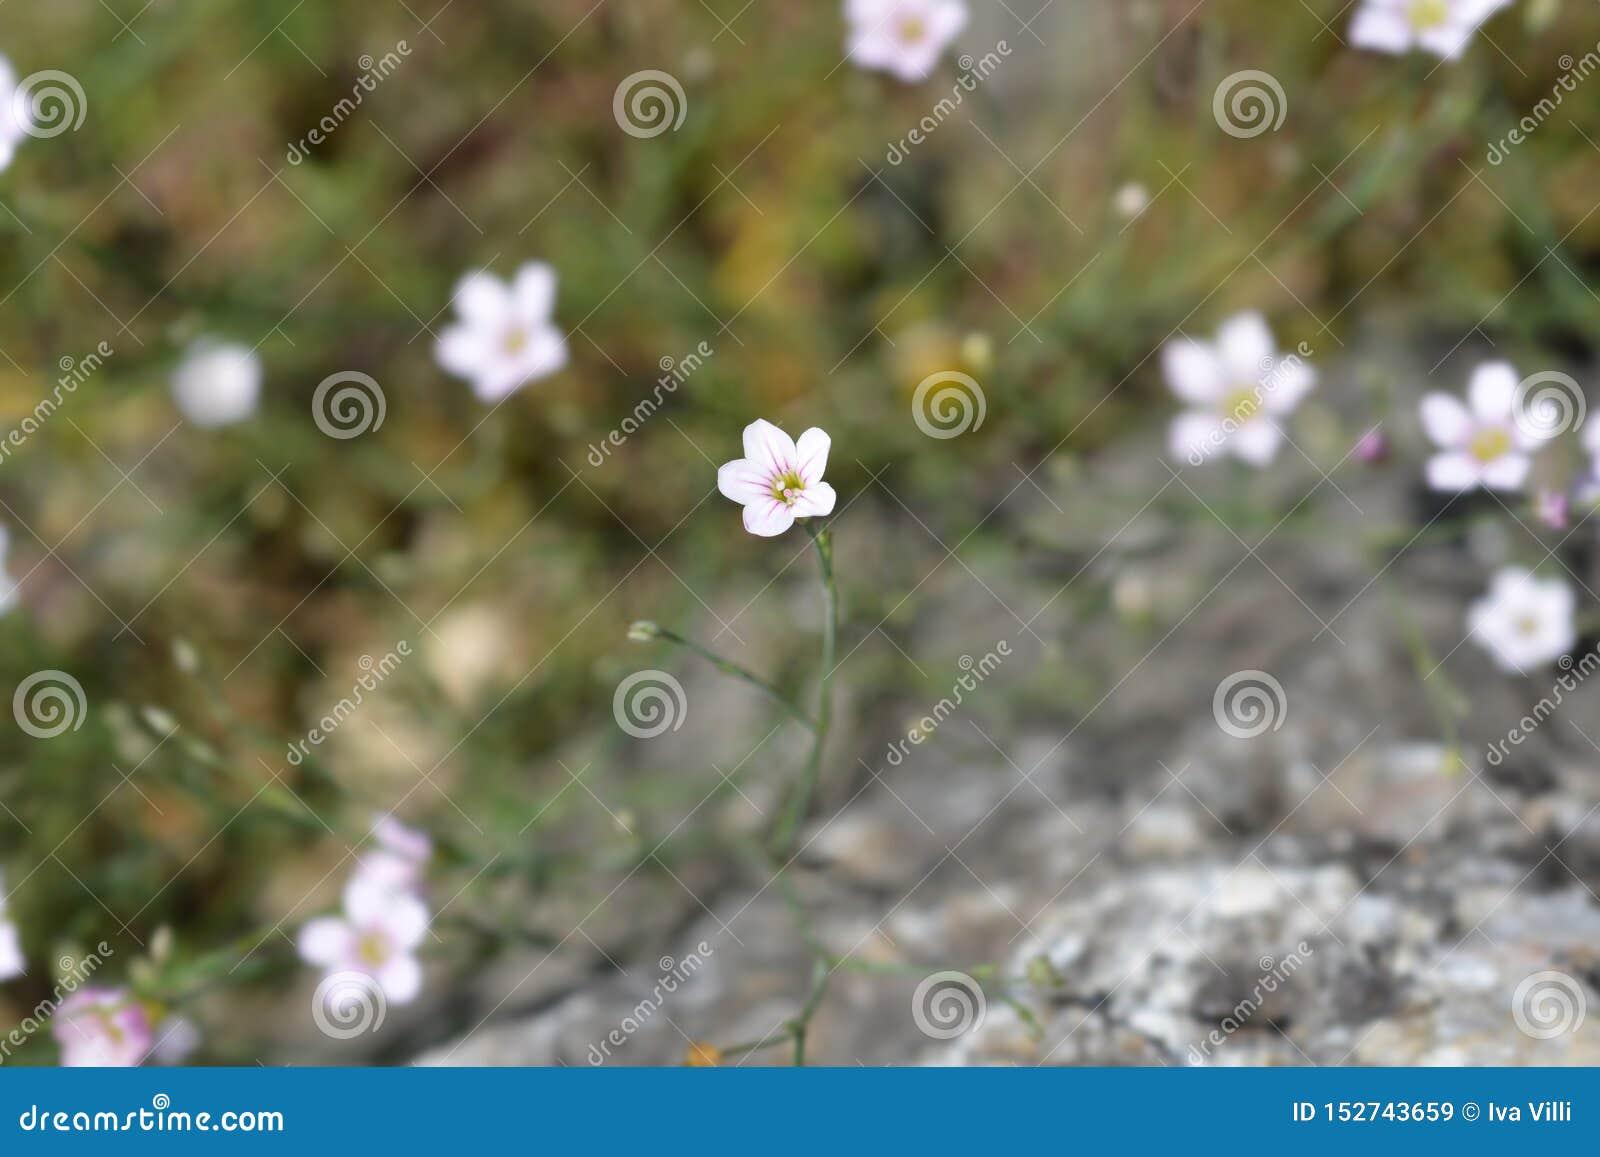 Rose de saxifrage